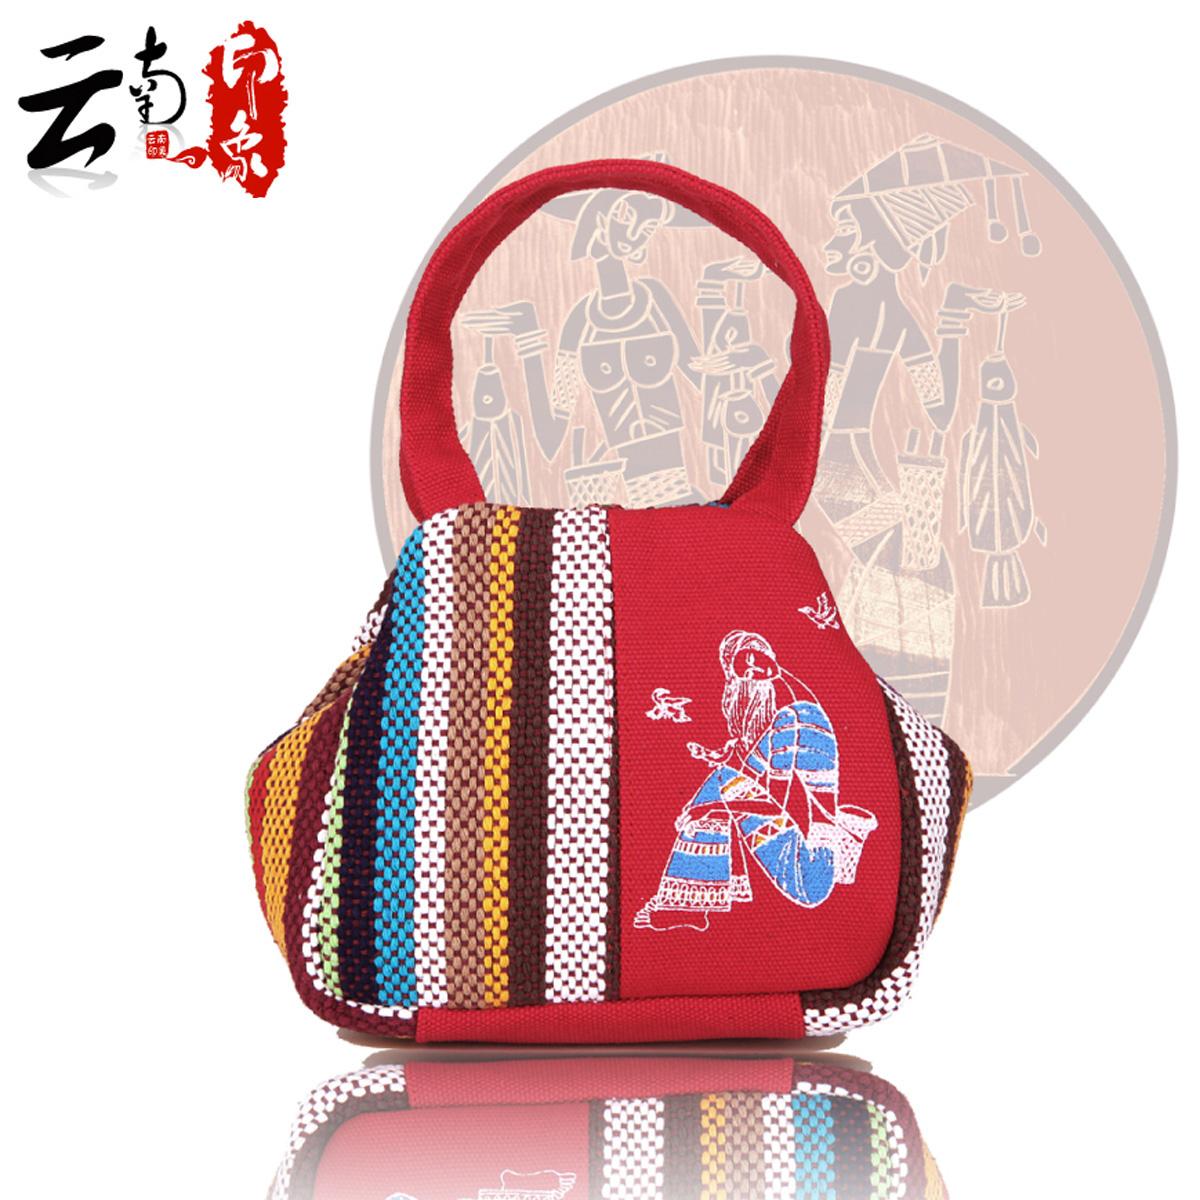 彩云印记新款民族风手提包包妈妈买菜包时尚手提小拎包零钱包女包